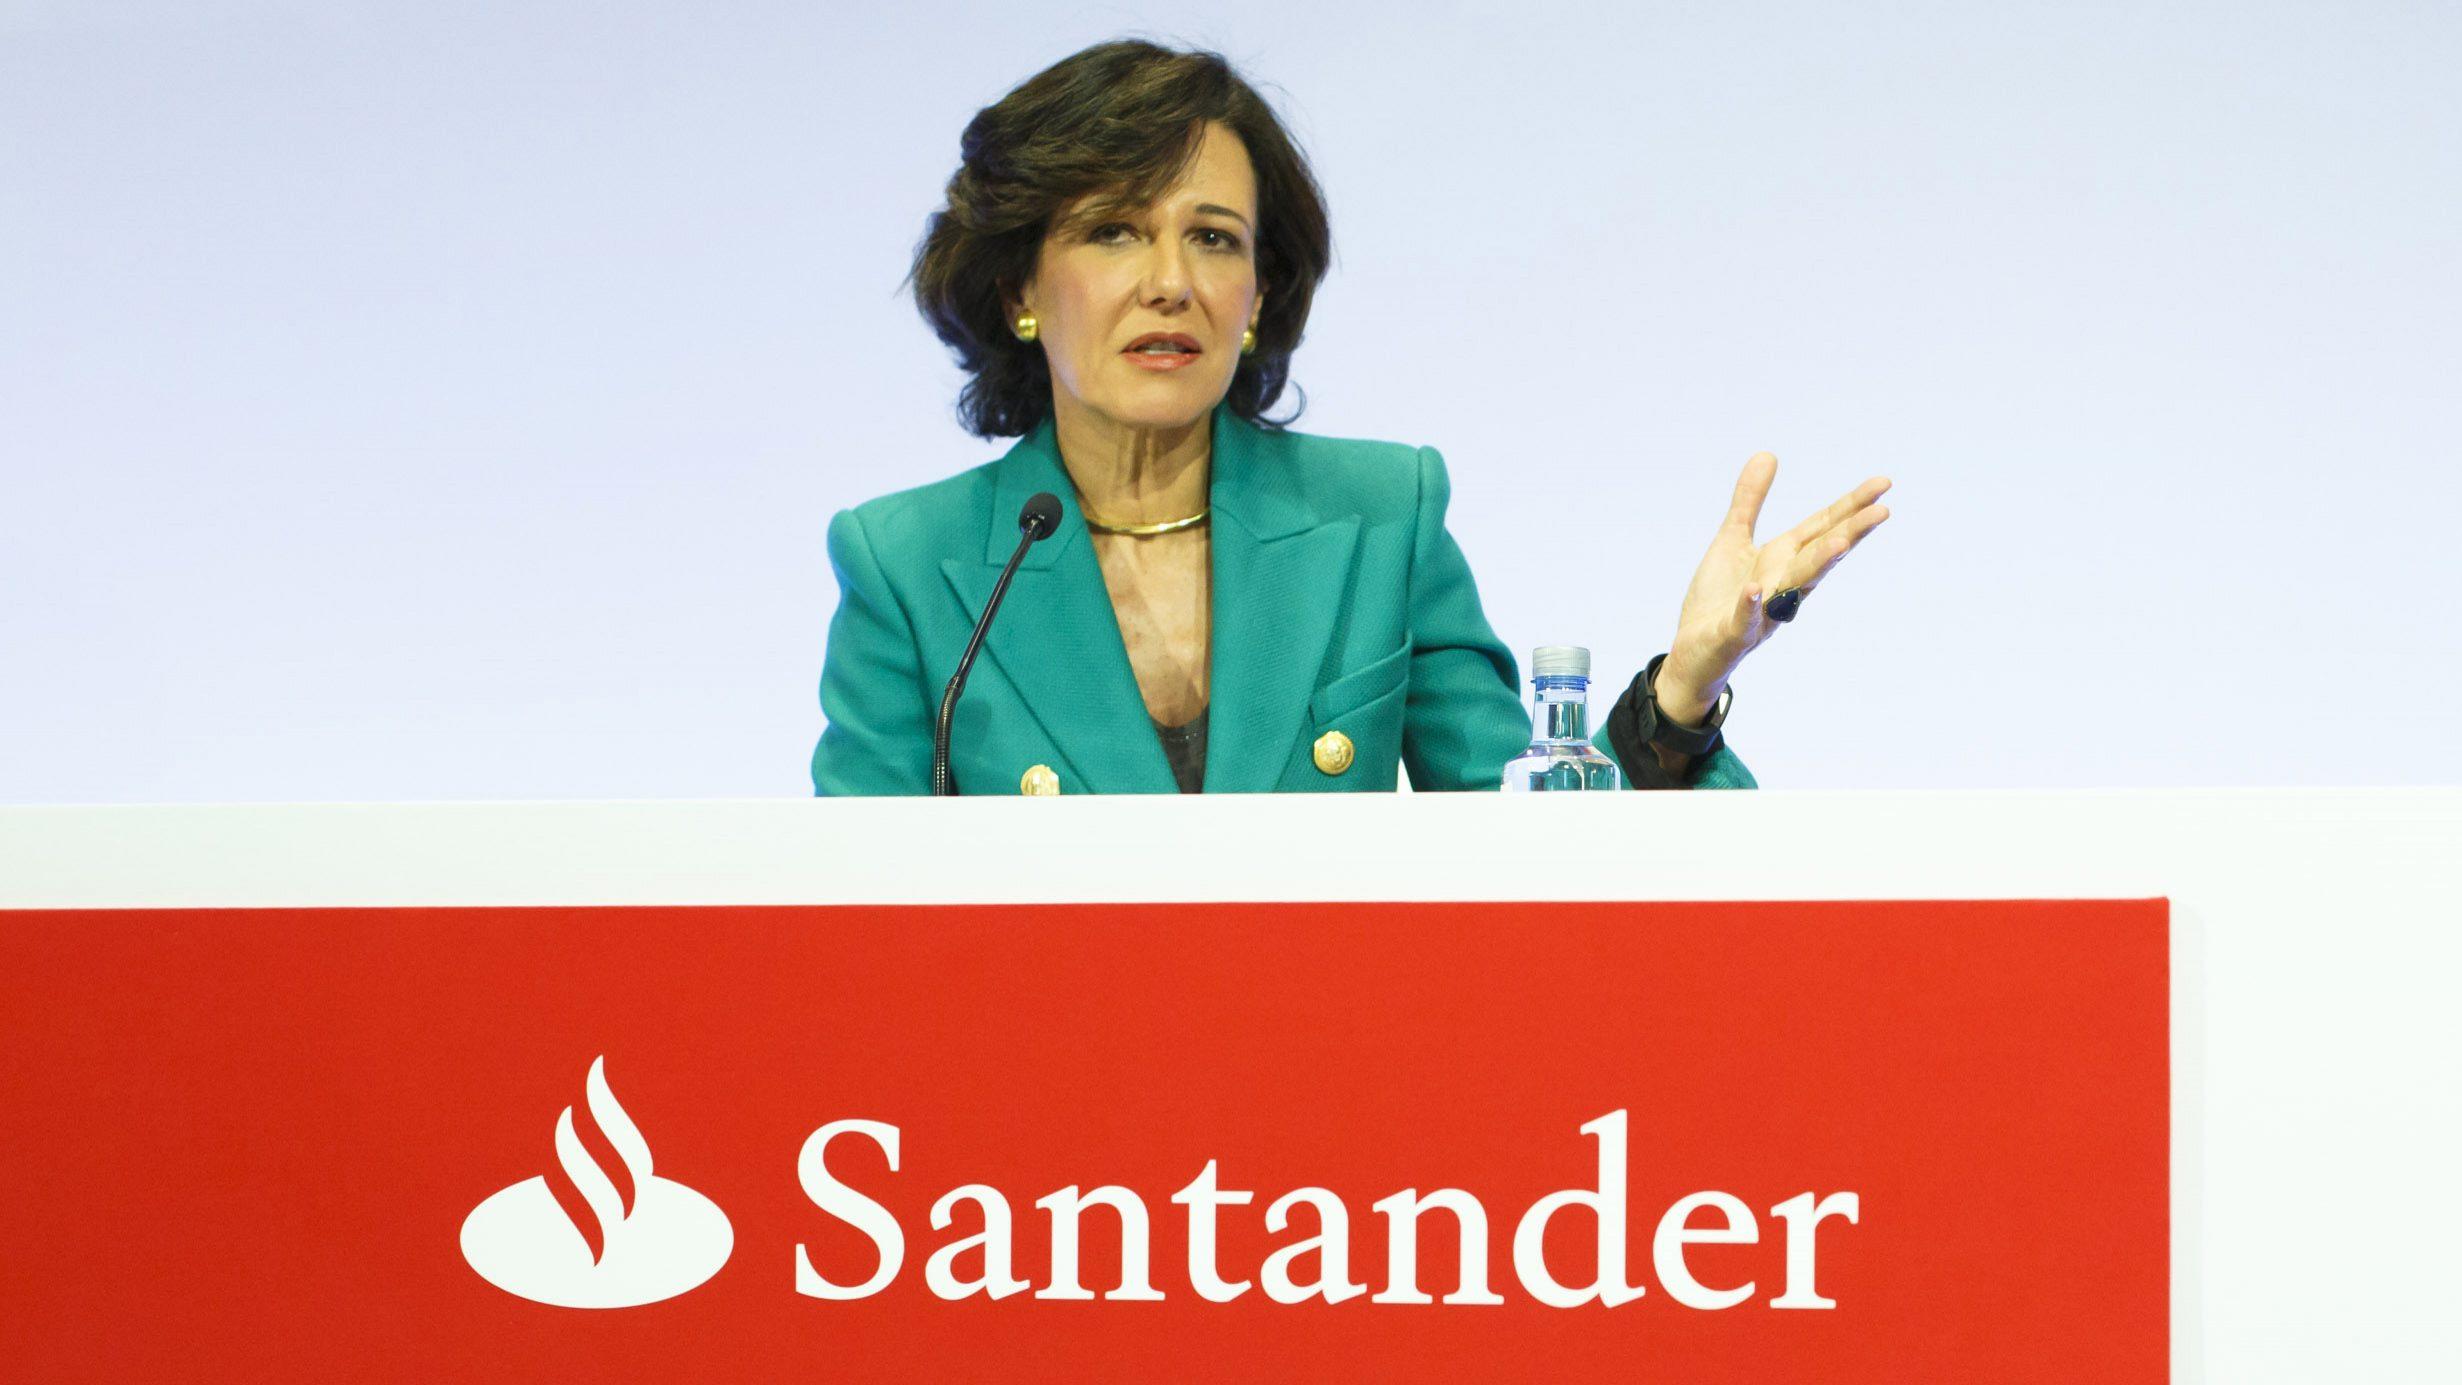 Espanha, Brasil e México puxam lucro do Santander para 2,05 mil milhões de euros